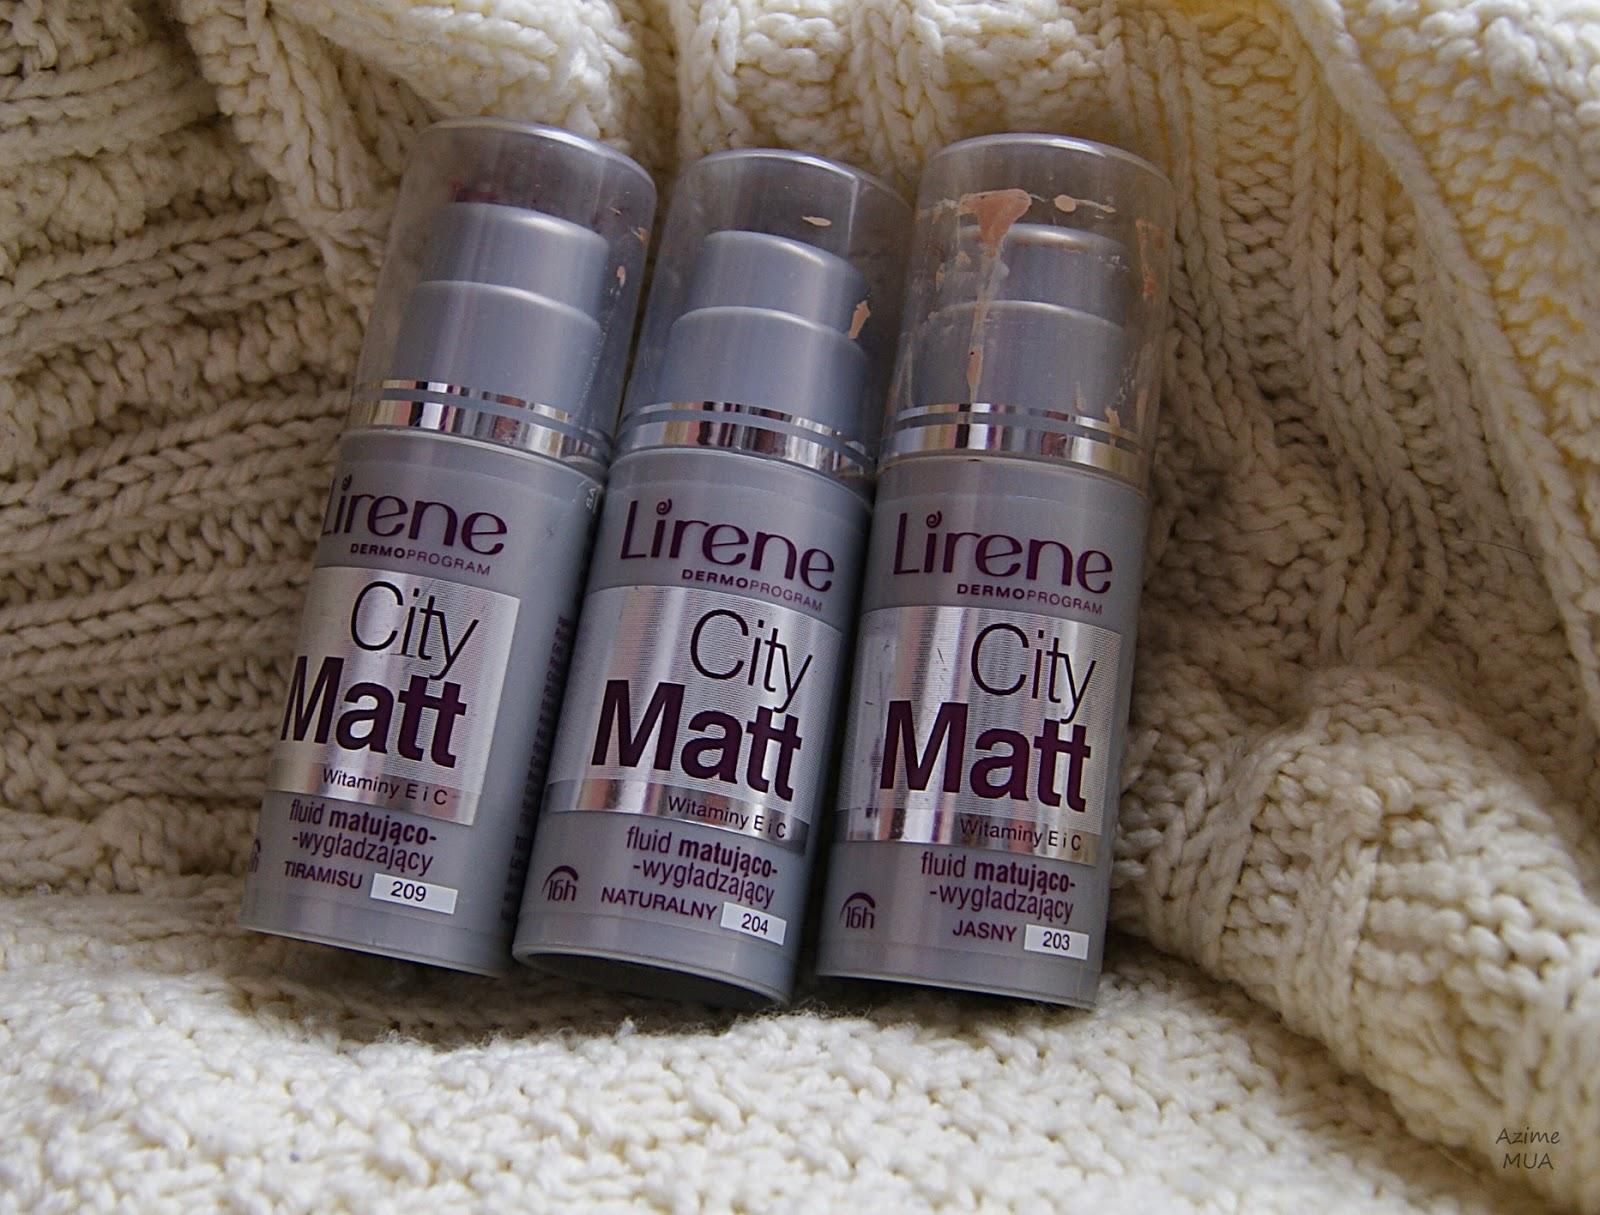 [175.] Lirene City Matt- ulubieniec wśród drogeryjnych podkładów - recenzja.